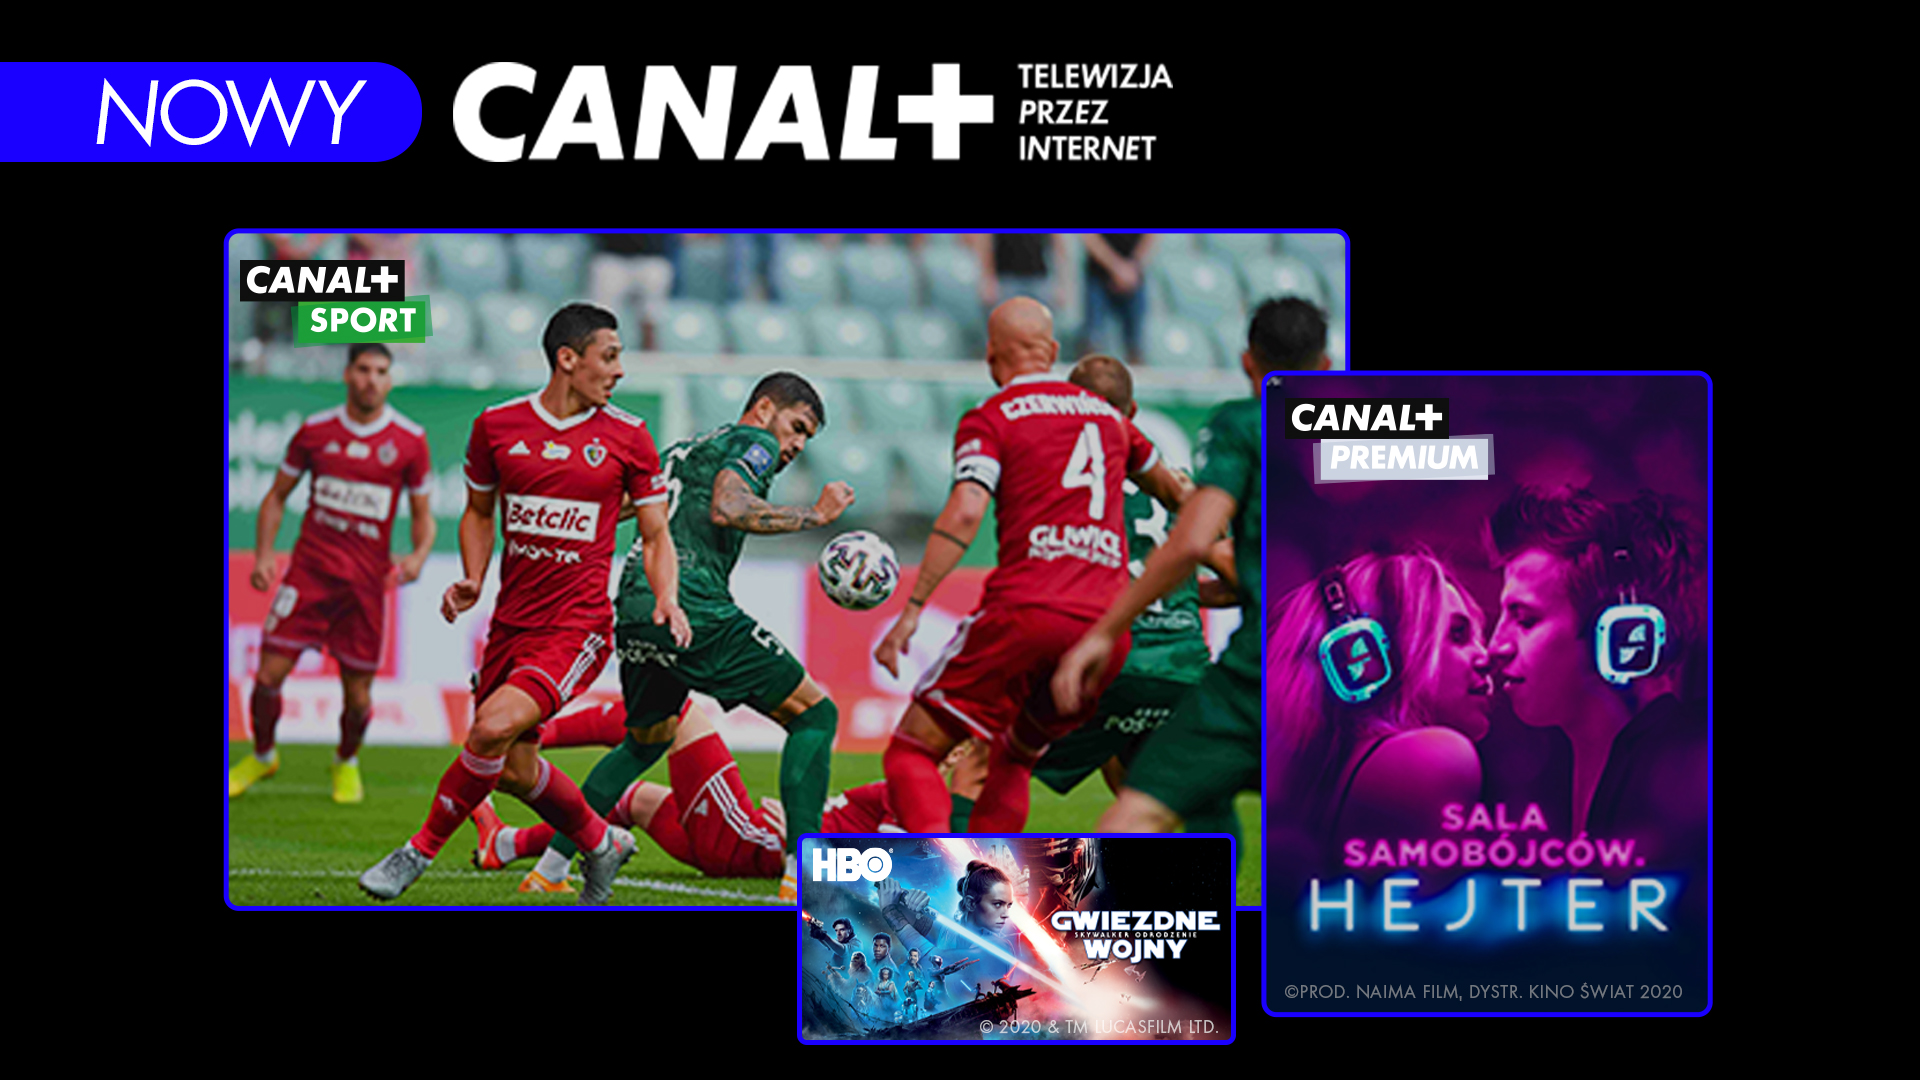 CANAL+ telewizja przez internet dostępna dla użytkowników oferty satelitarnej CANAL+